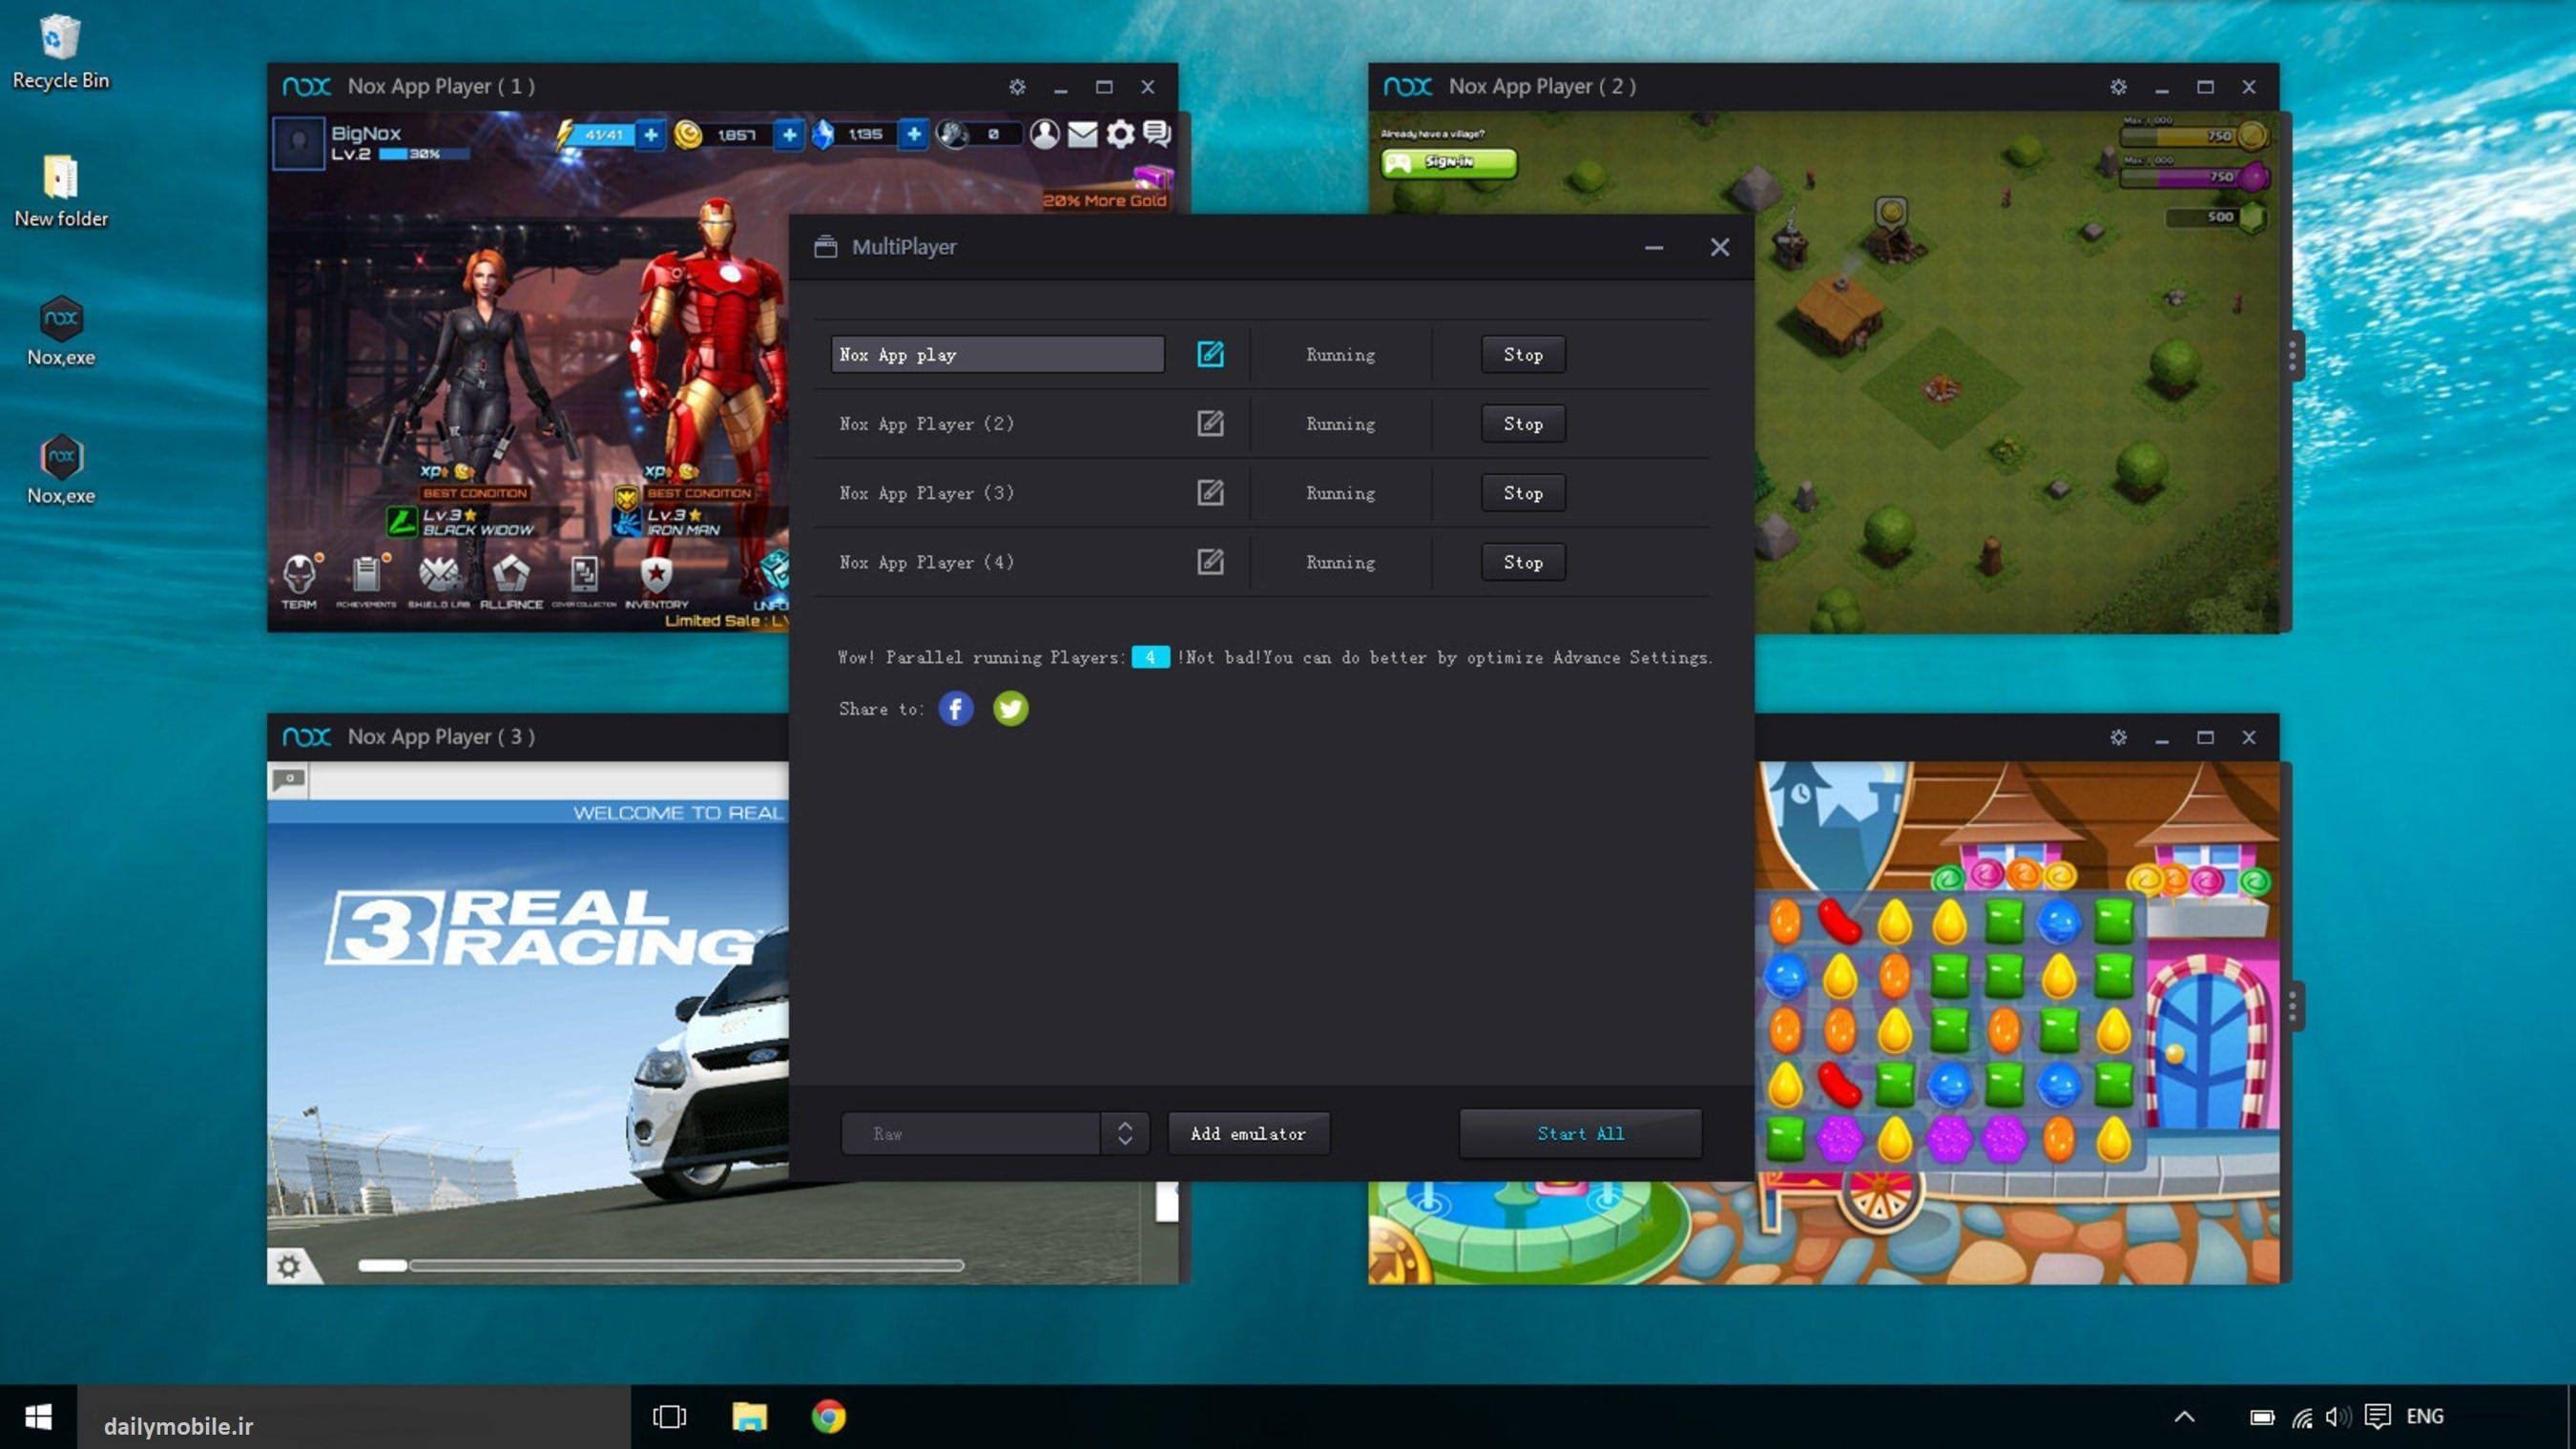 دانلود نسخه جدید برنامه Nox App Player شبیه ساز اندروید بر